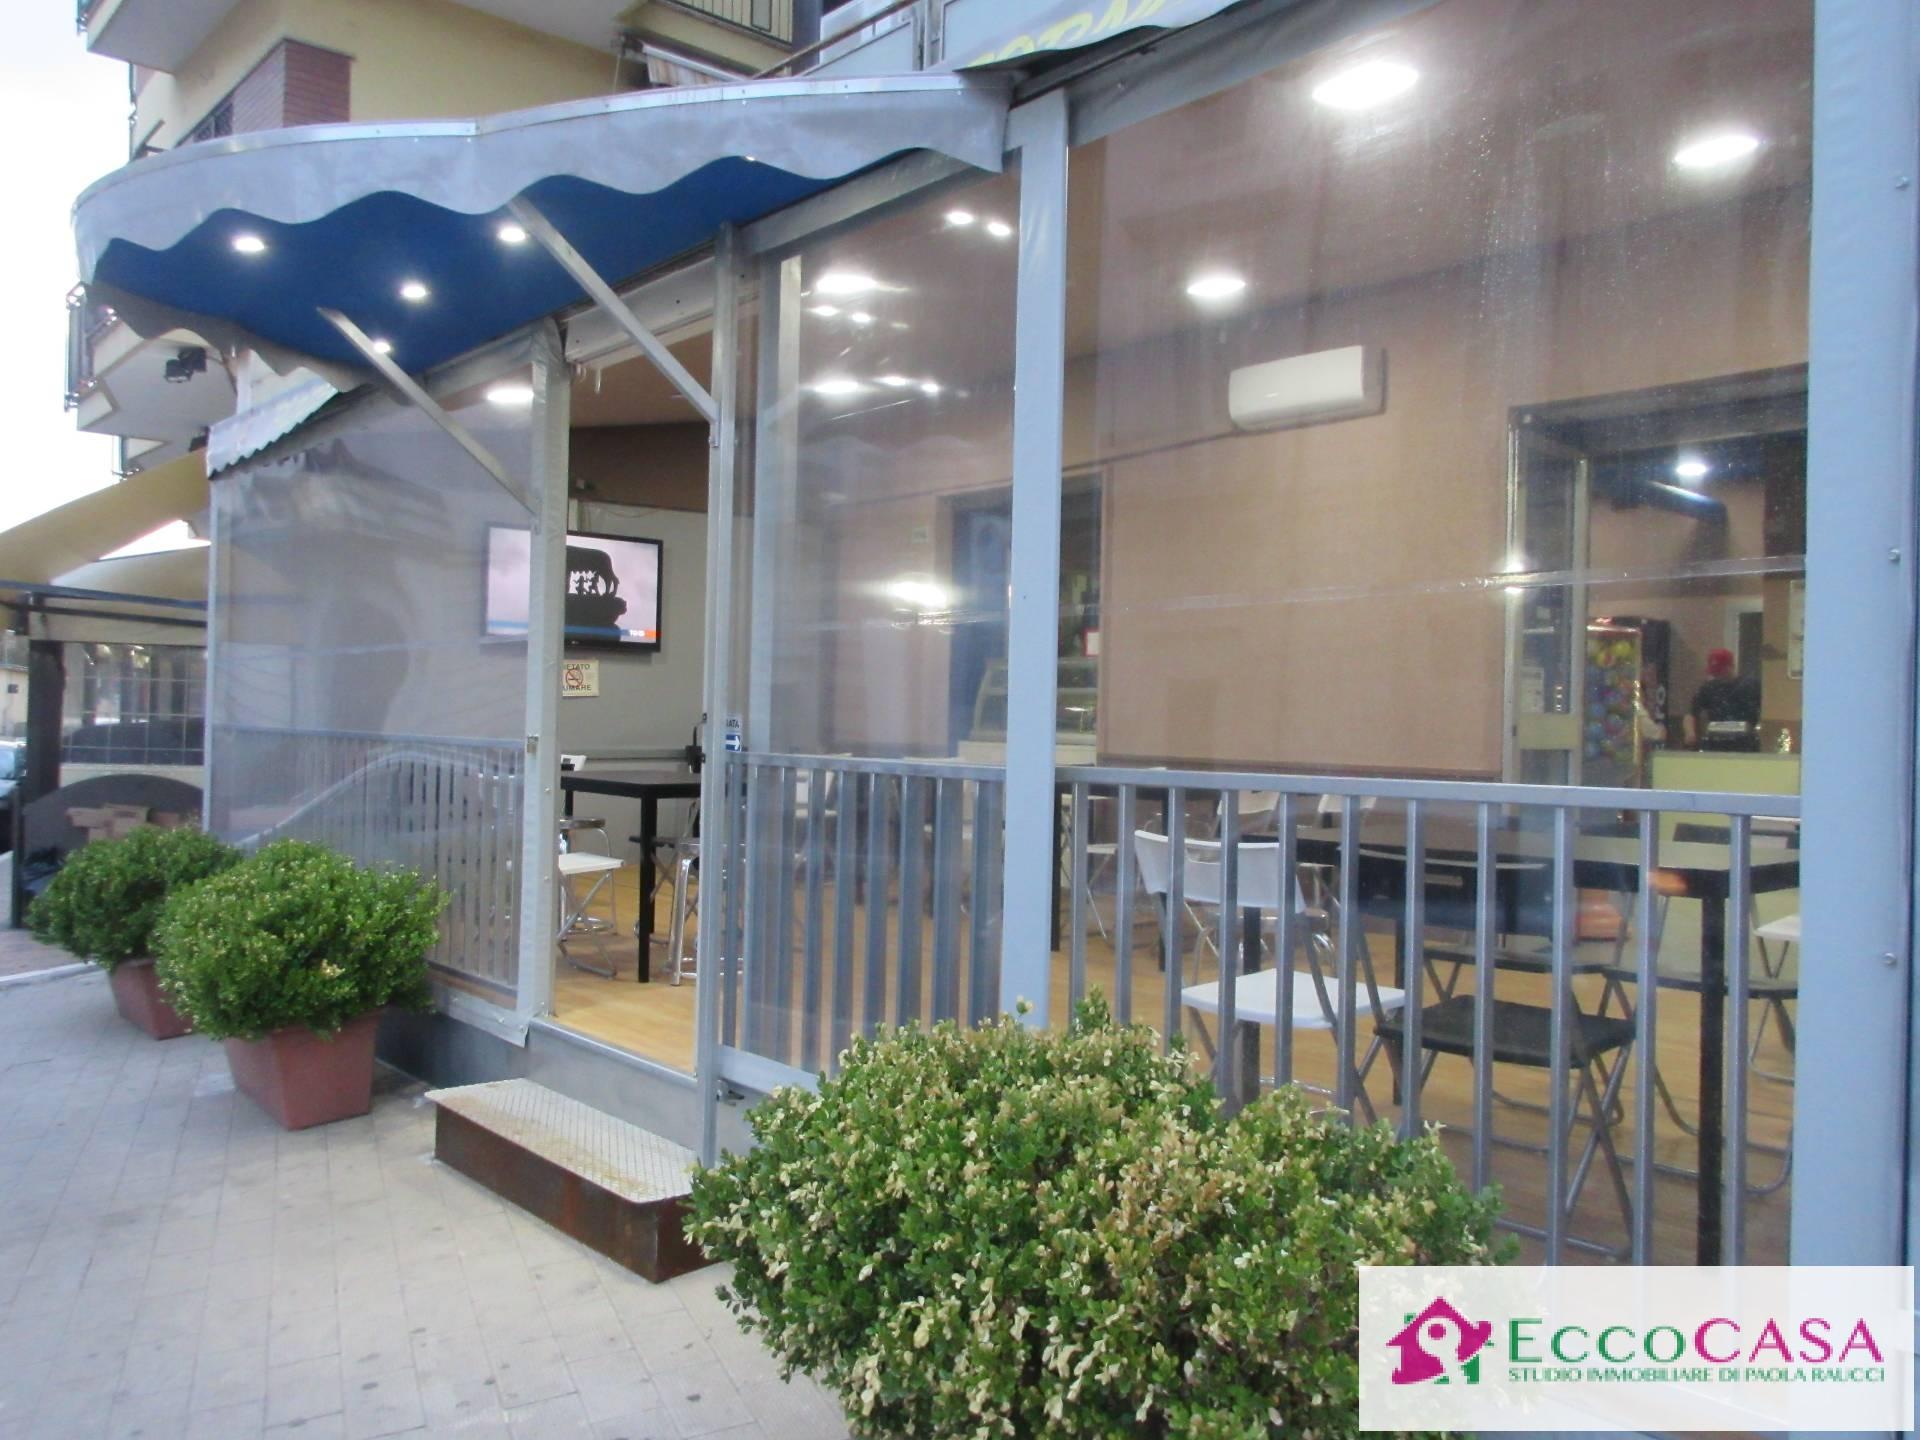 Attività / Licenza in vendita a Maddaloni, 9999 locali, prezzo € 70.000 | CambioCasa.it